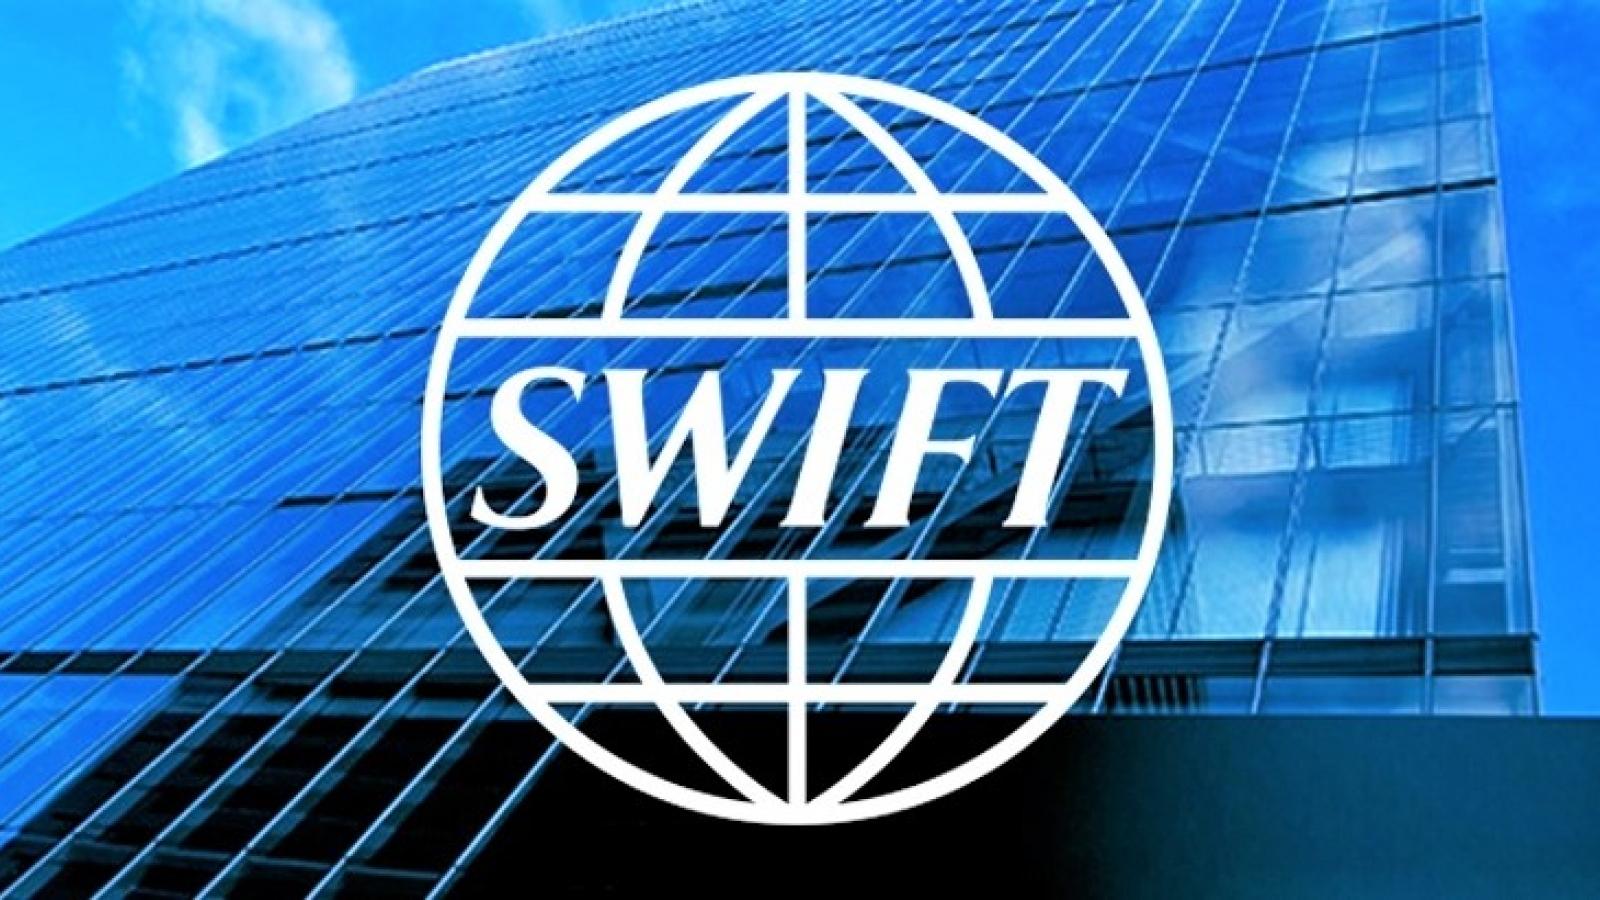 Nga đã chuẩn bị phương án bị loại khỏi SWIFT